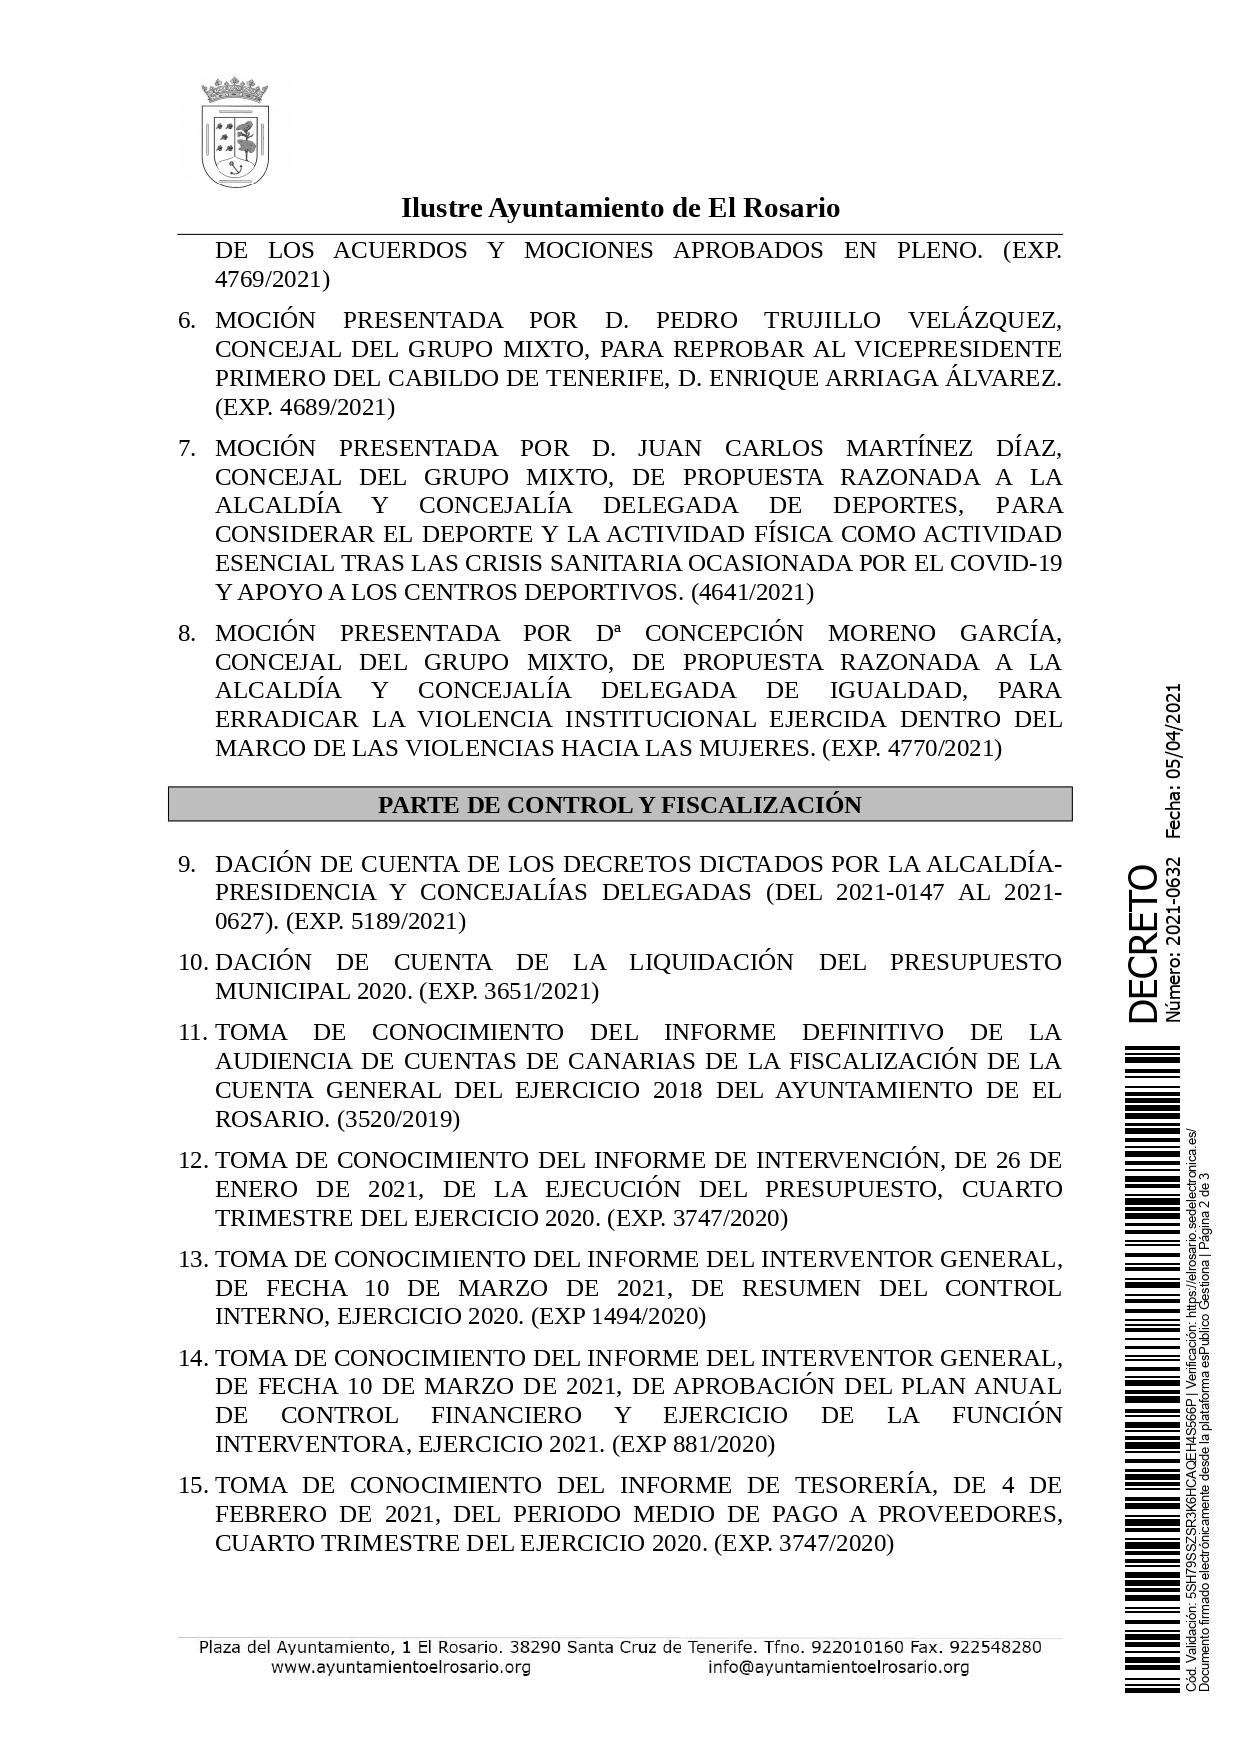 20210405_DECRETO 2021-0632 [Decreto de convocatoria de Pleno Ordinario de 8 de abril de 2021.]_page-0002